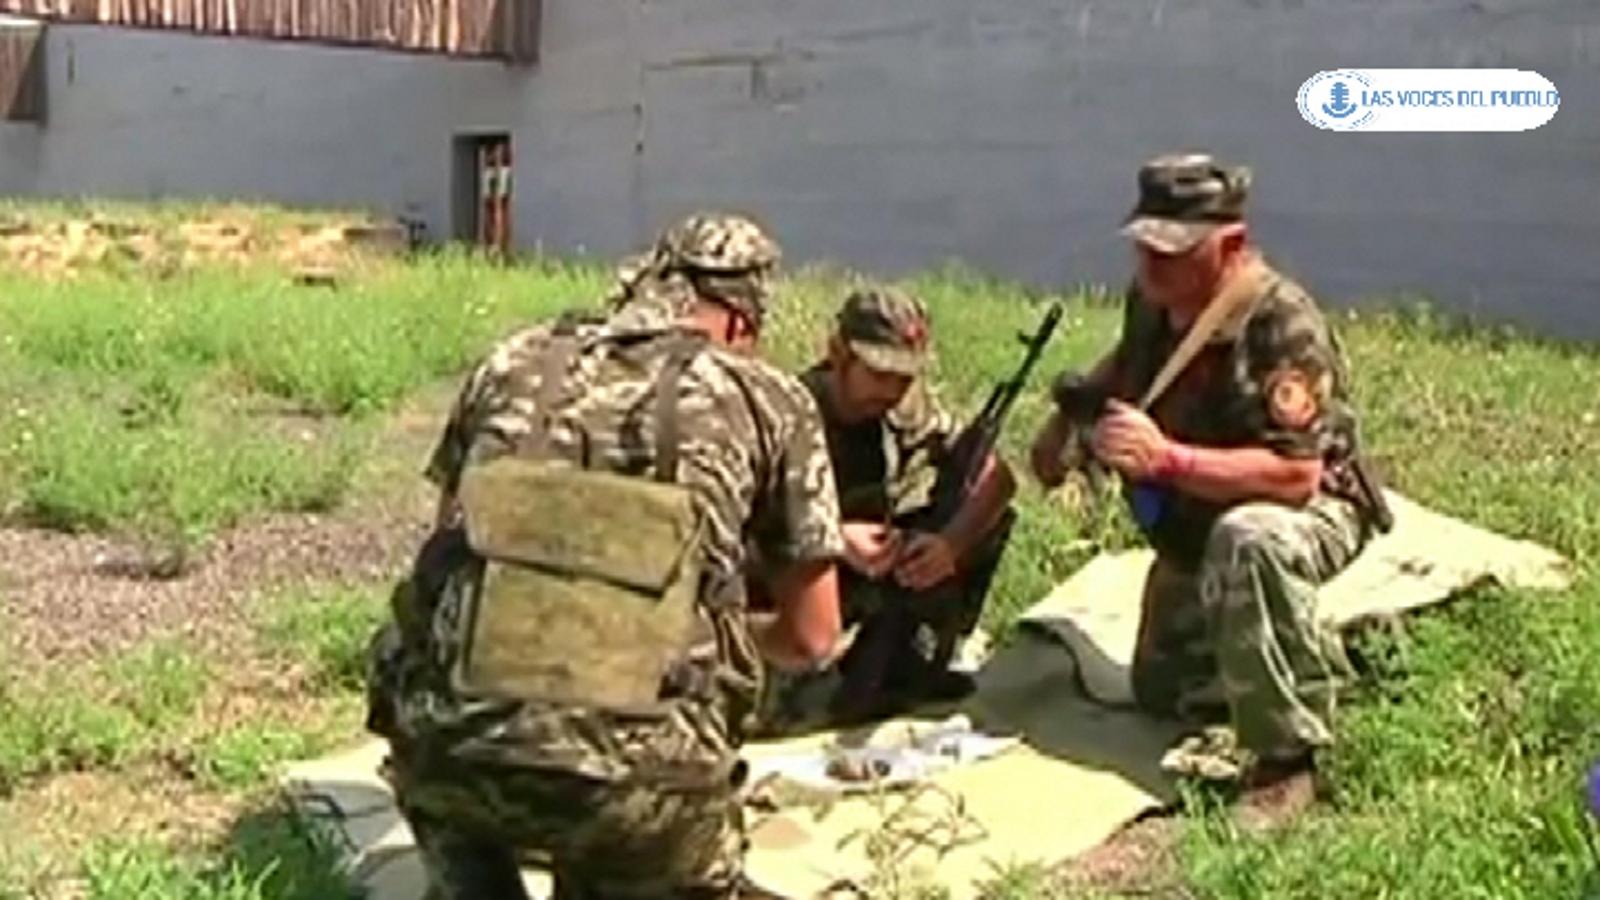 Dos españoles republicanos combatiendo con separatistas prorusos ucranianos contra el Gobierno de Kiev (13).Movie_Instantánea